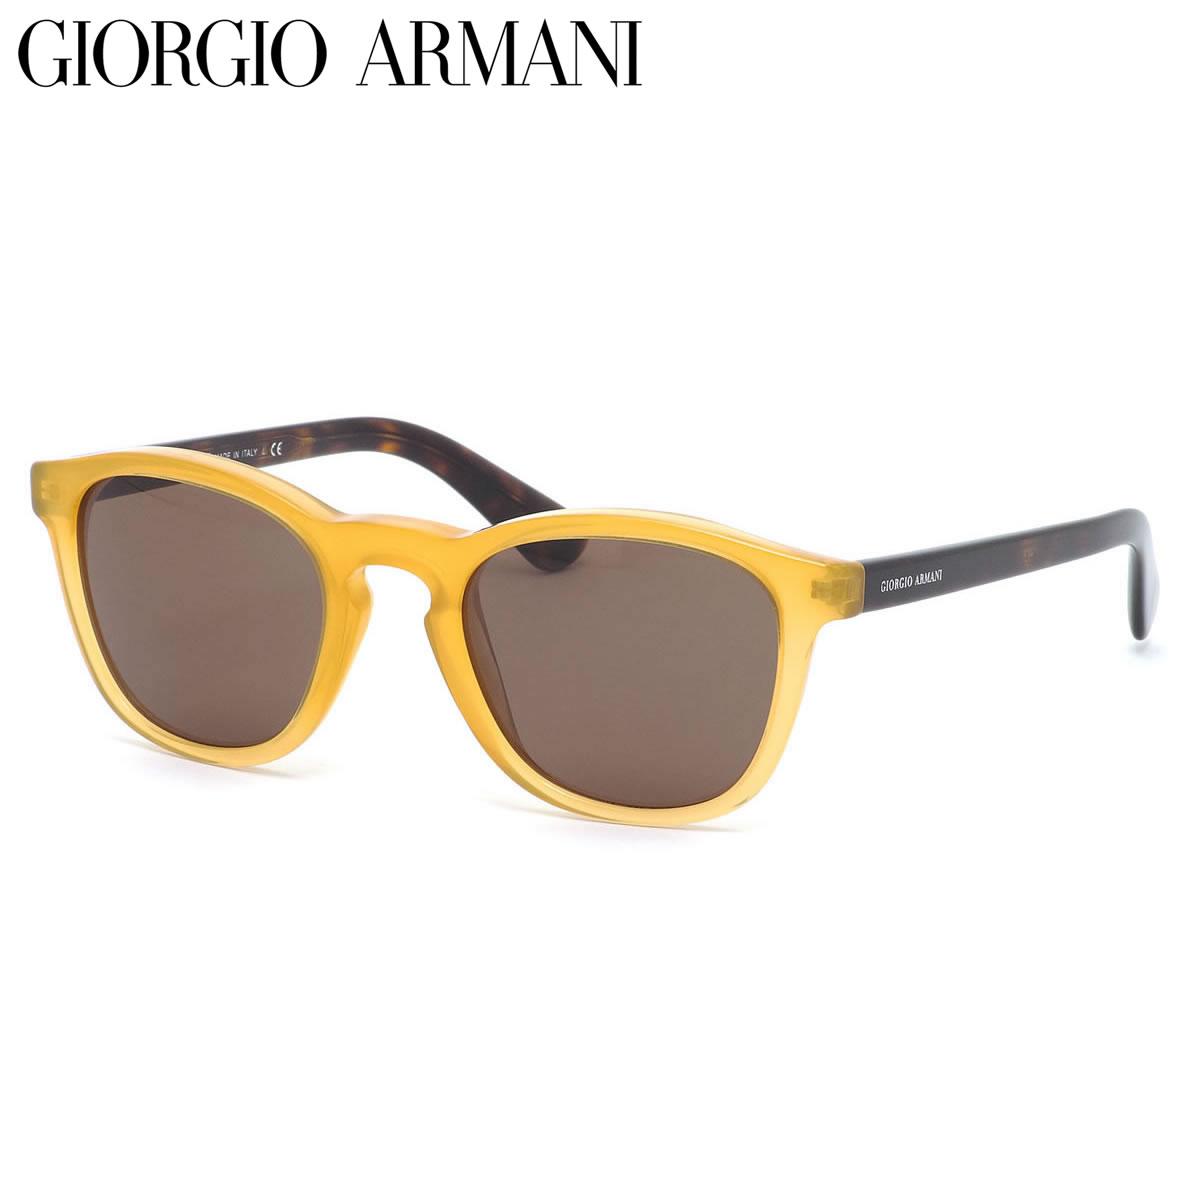 GIORGIO ARMANI ジョルジオアルマーニ サングラス AR8112 502773 50サイズ FRAMES OF LIFE ウェリントン ジョルジオアルマーニGIORGIOARMANI メンズ レディース